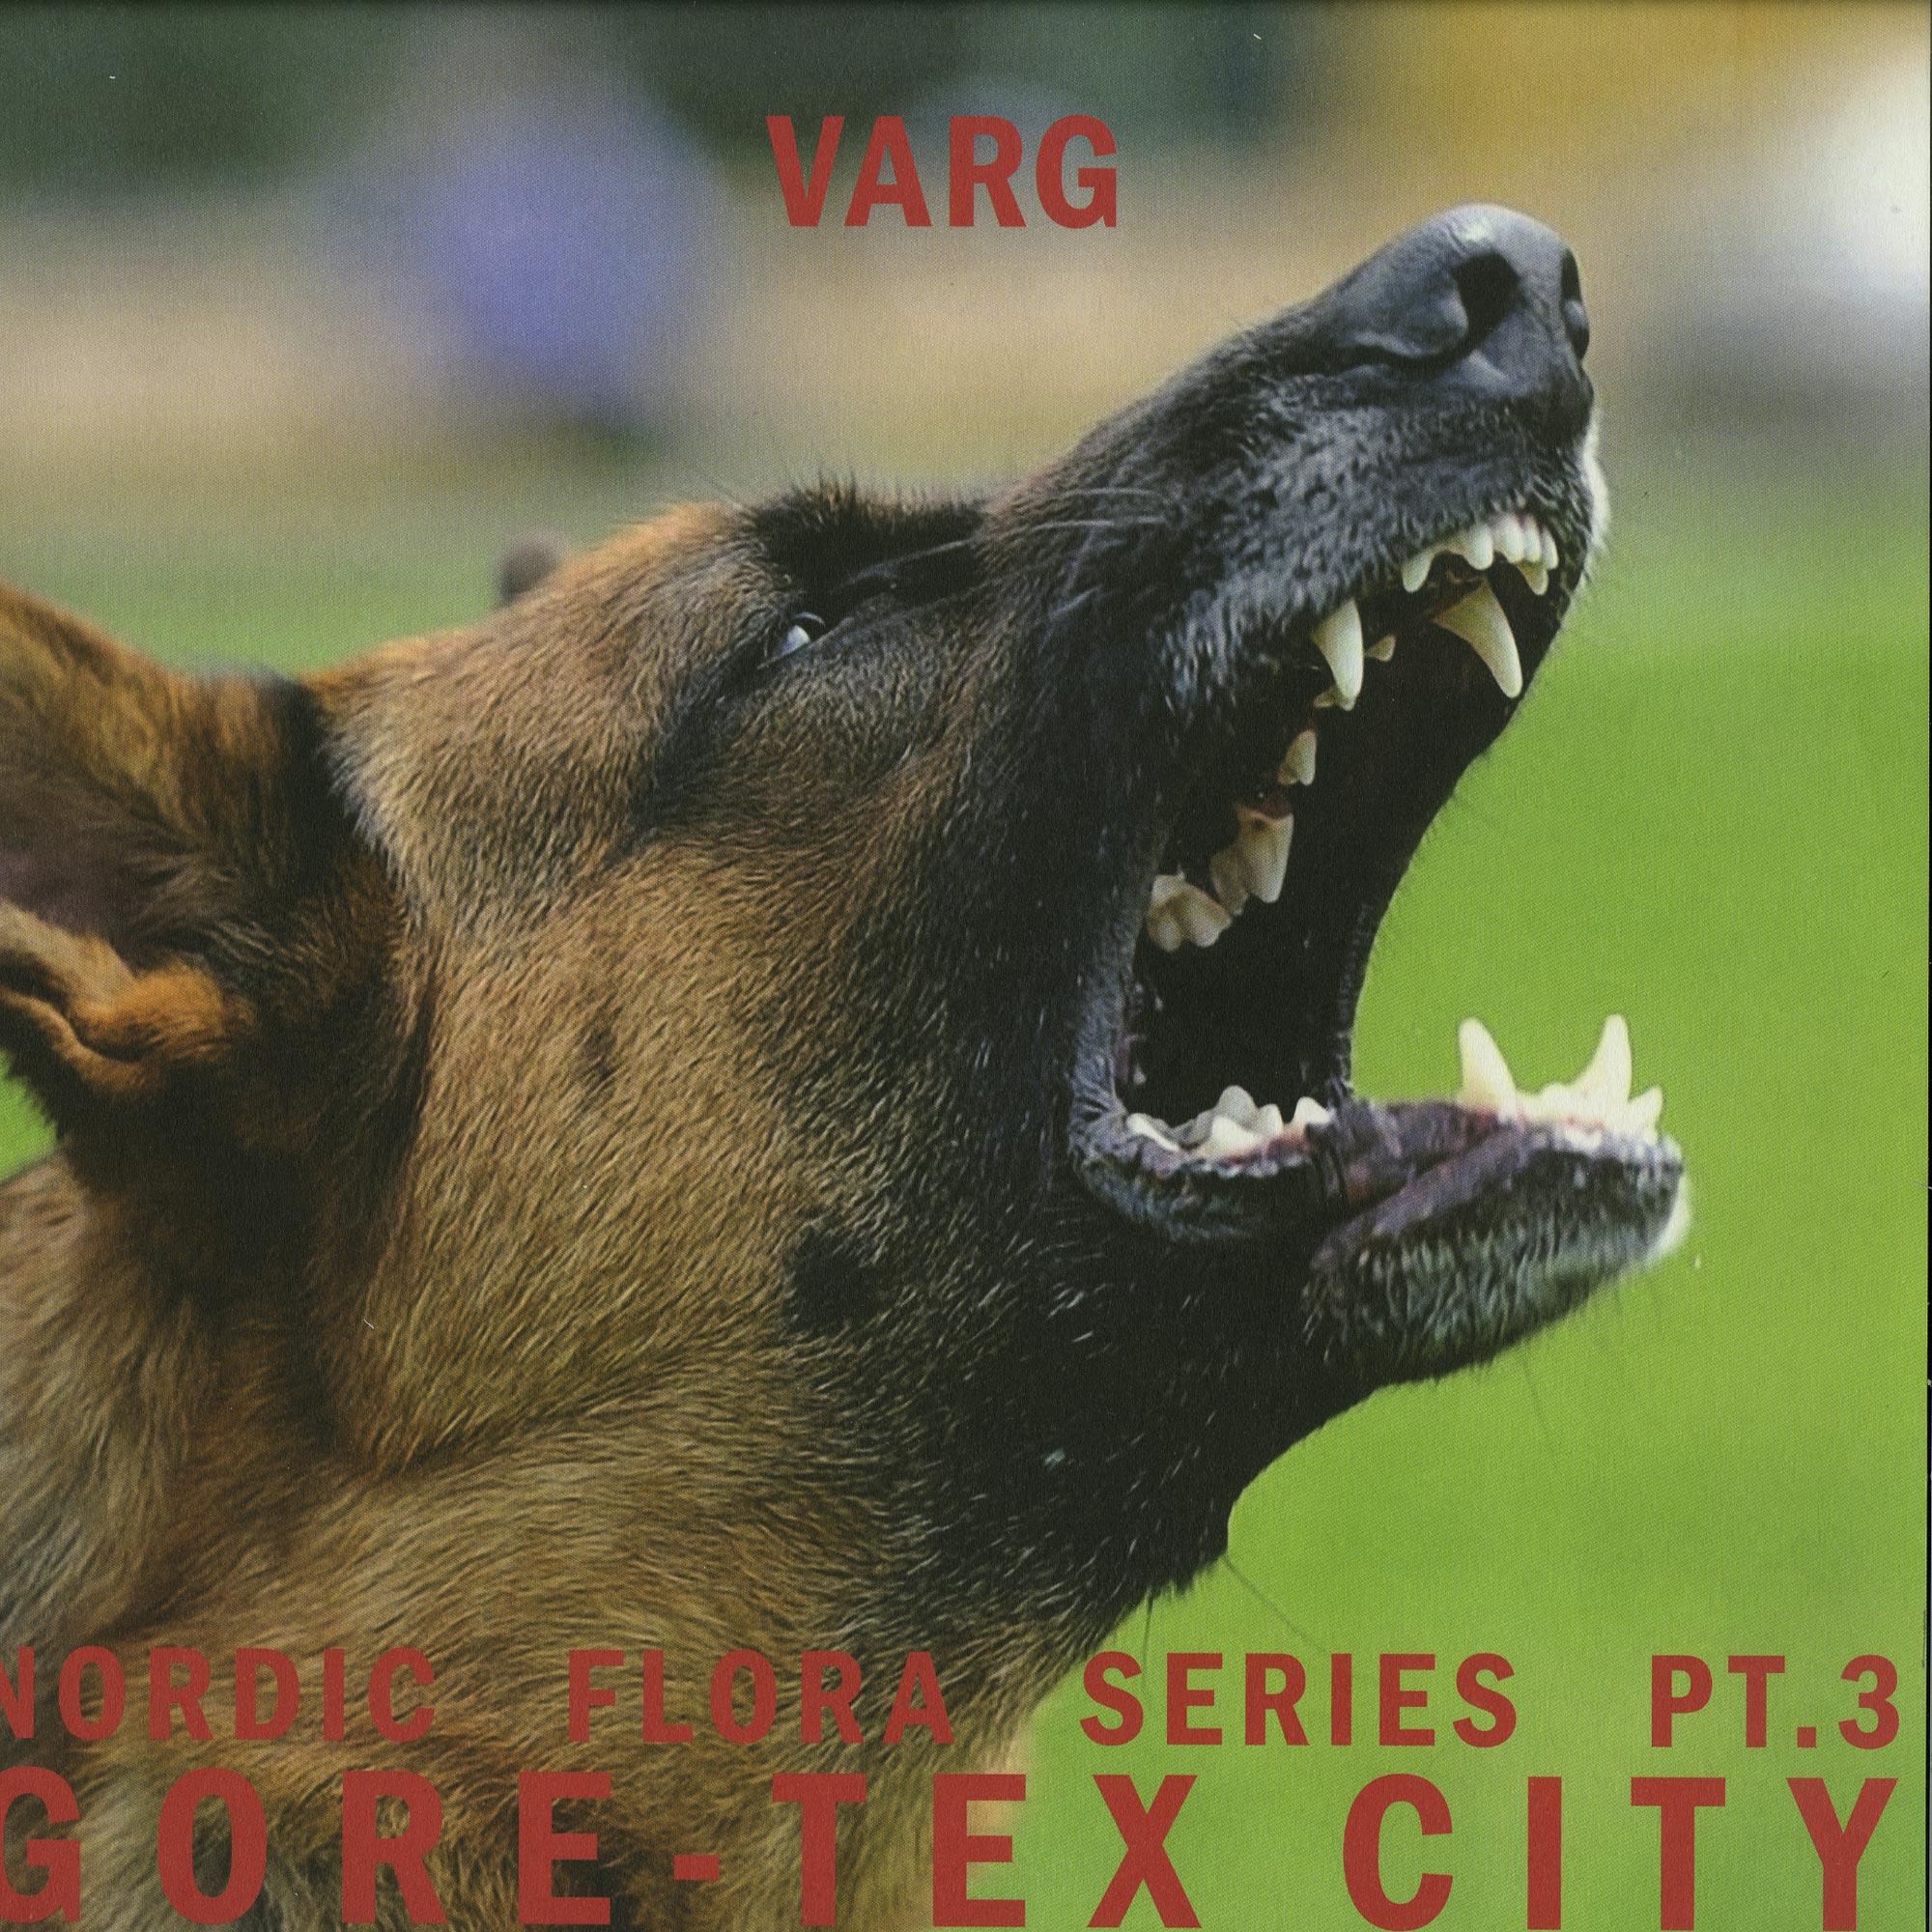 Varg - NORDIC FLORA SERIES PT. 3: GORETEX CITY